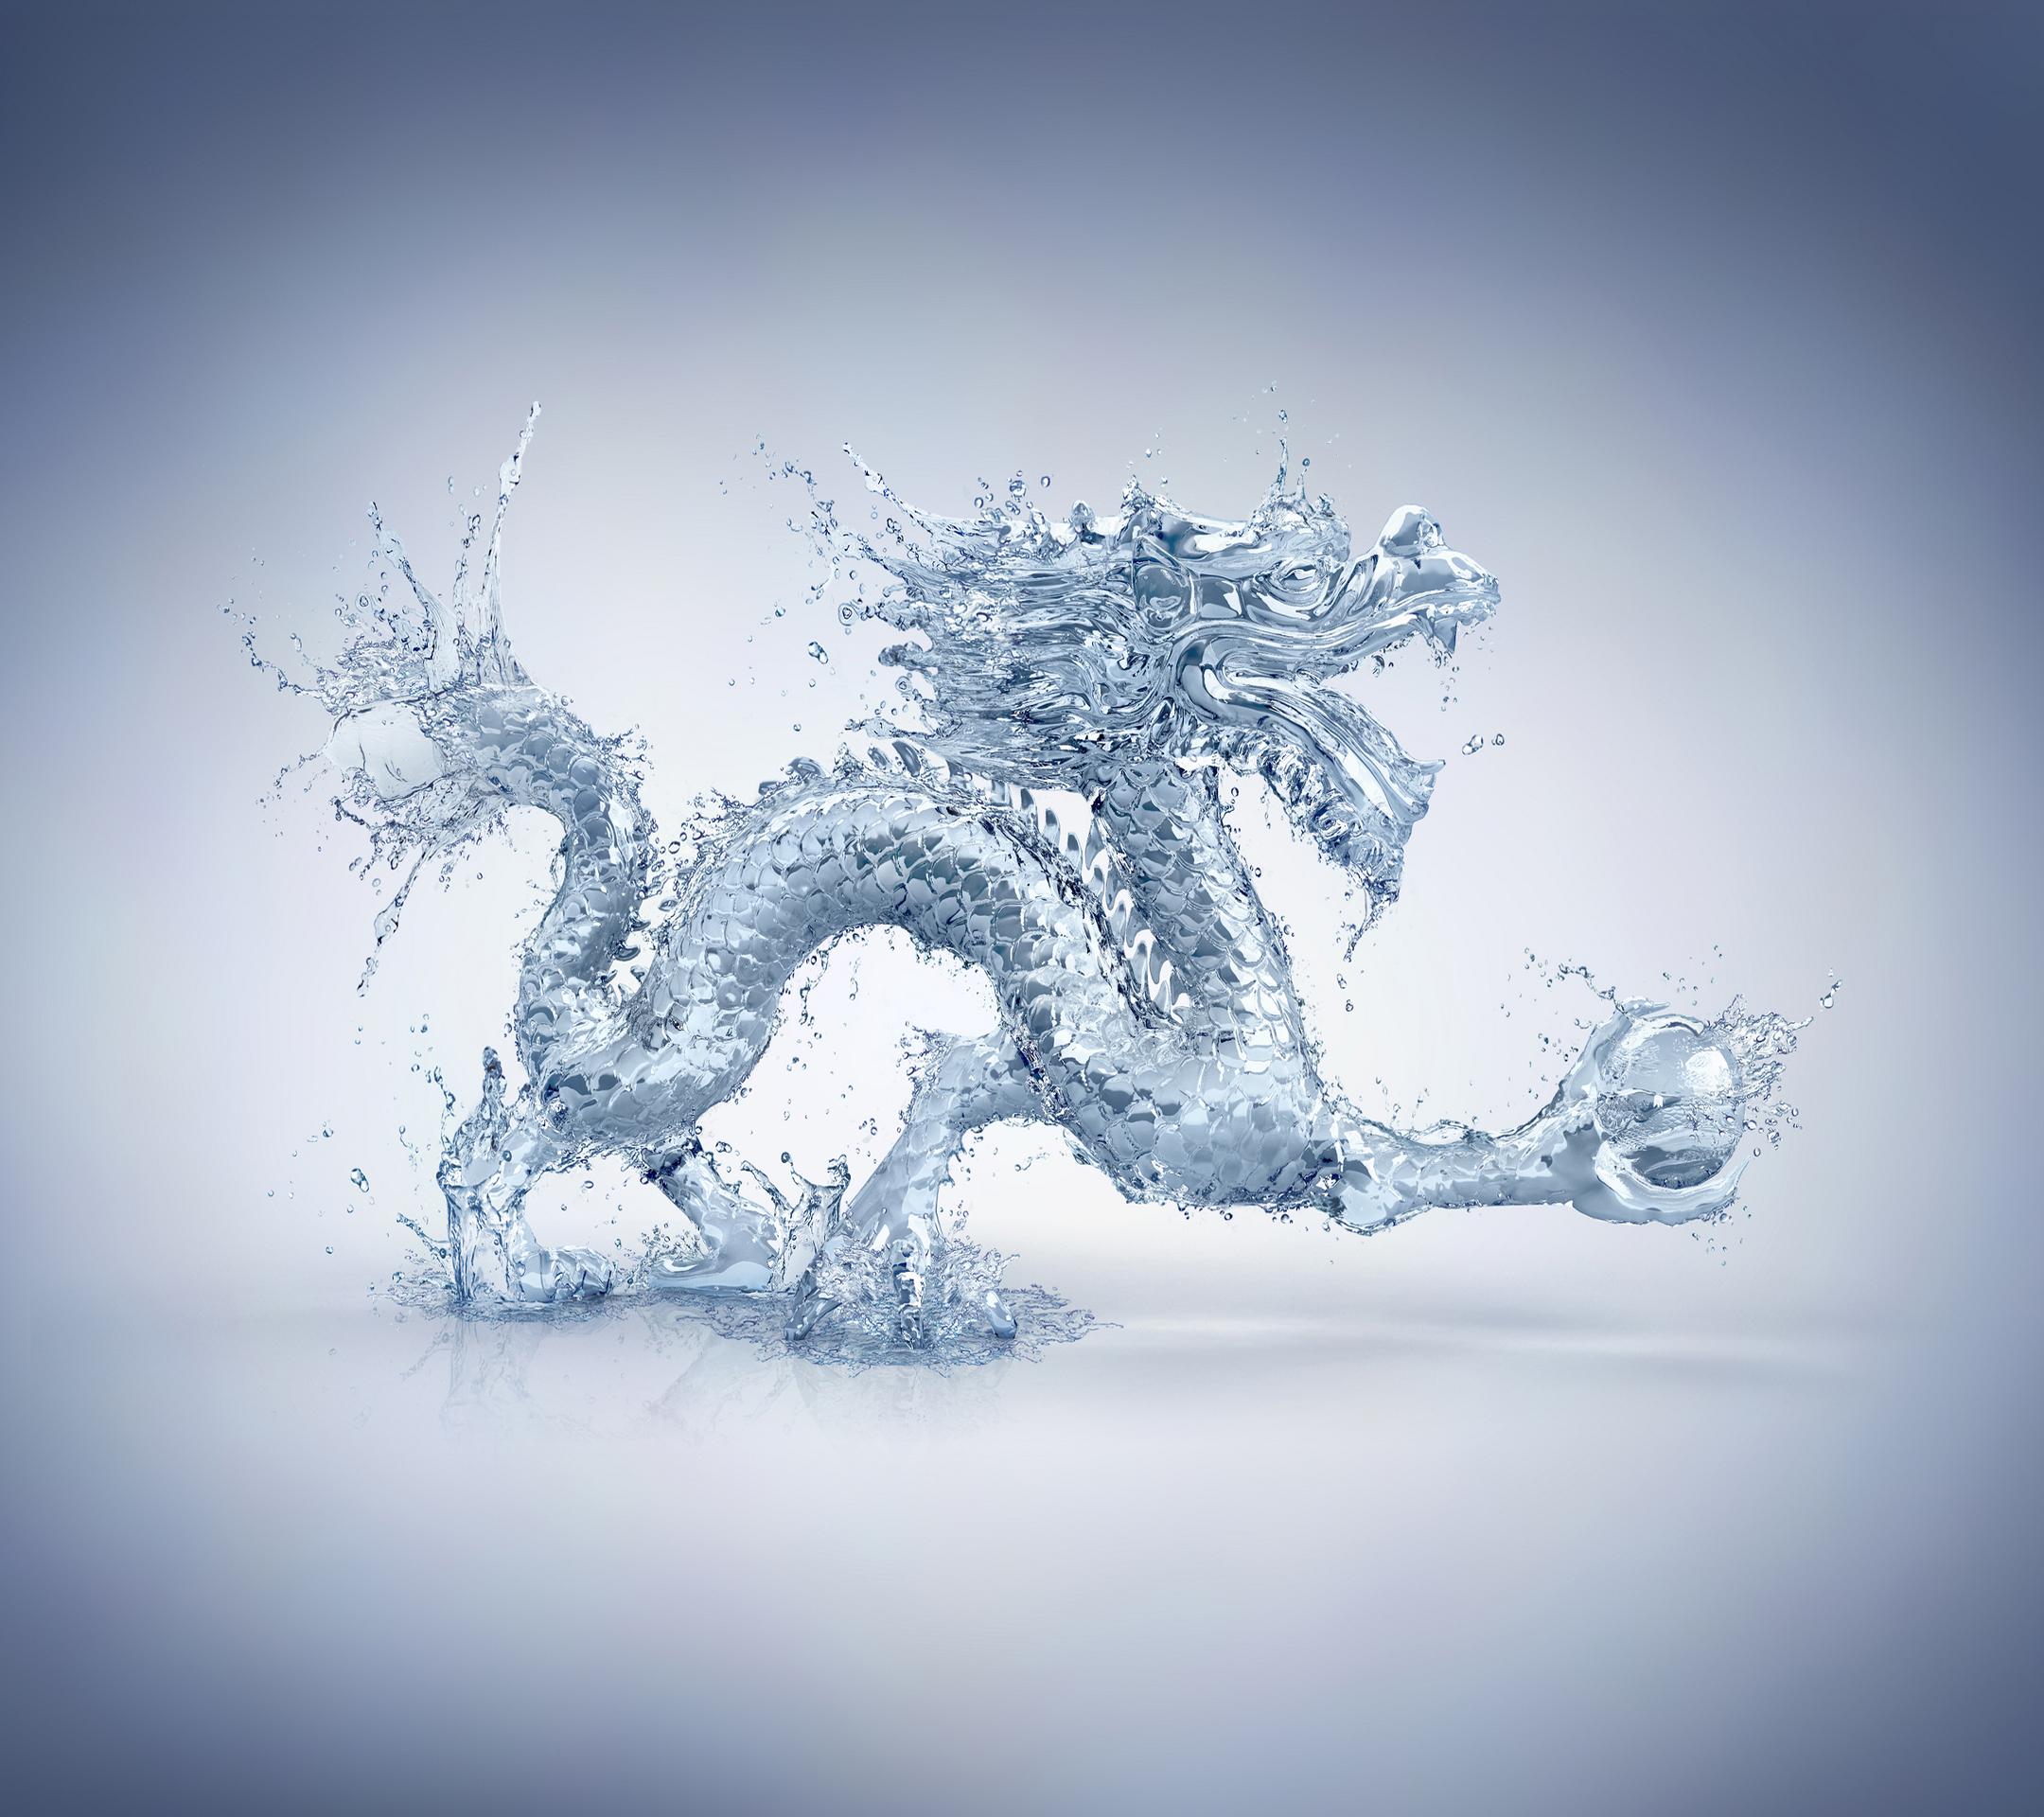 Hình ảnh rồng nước